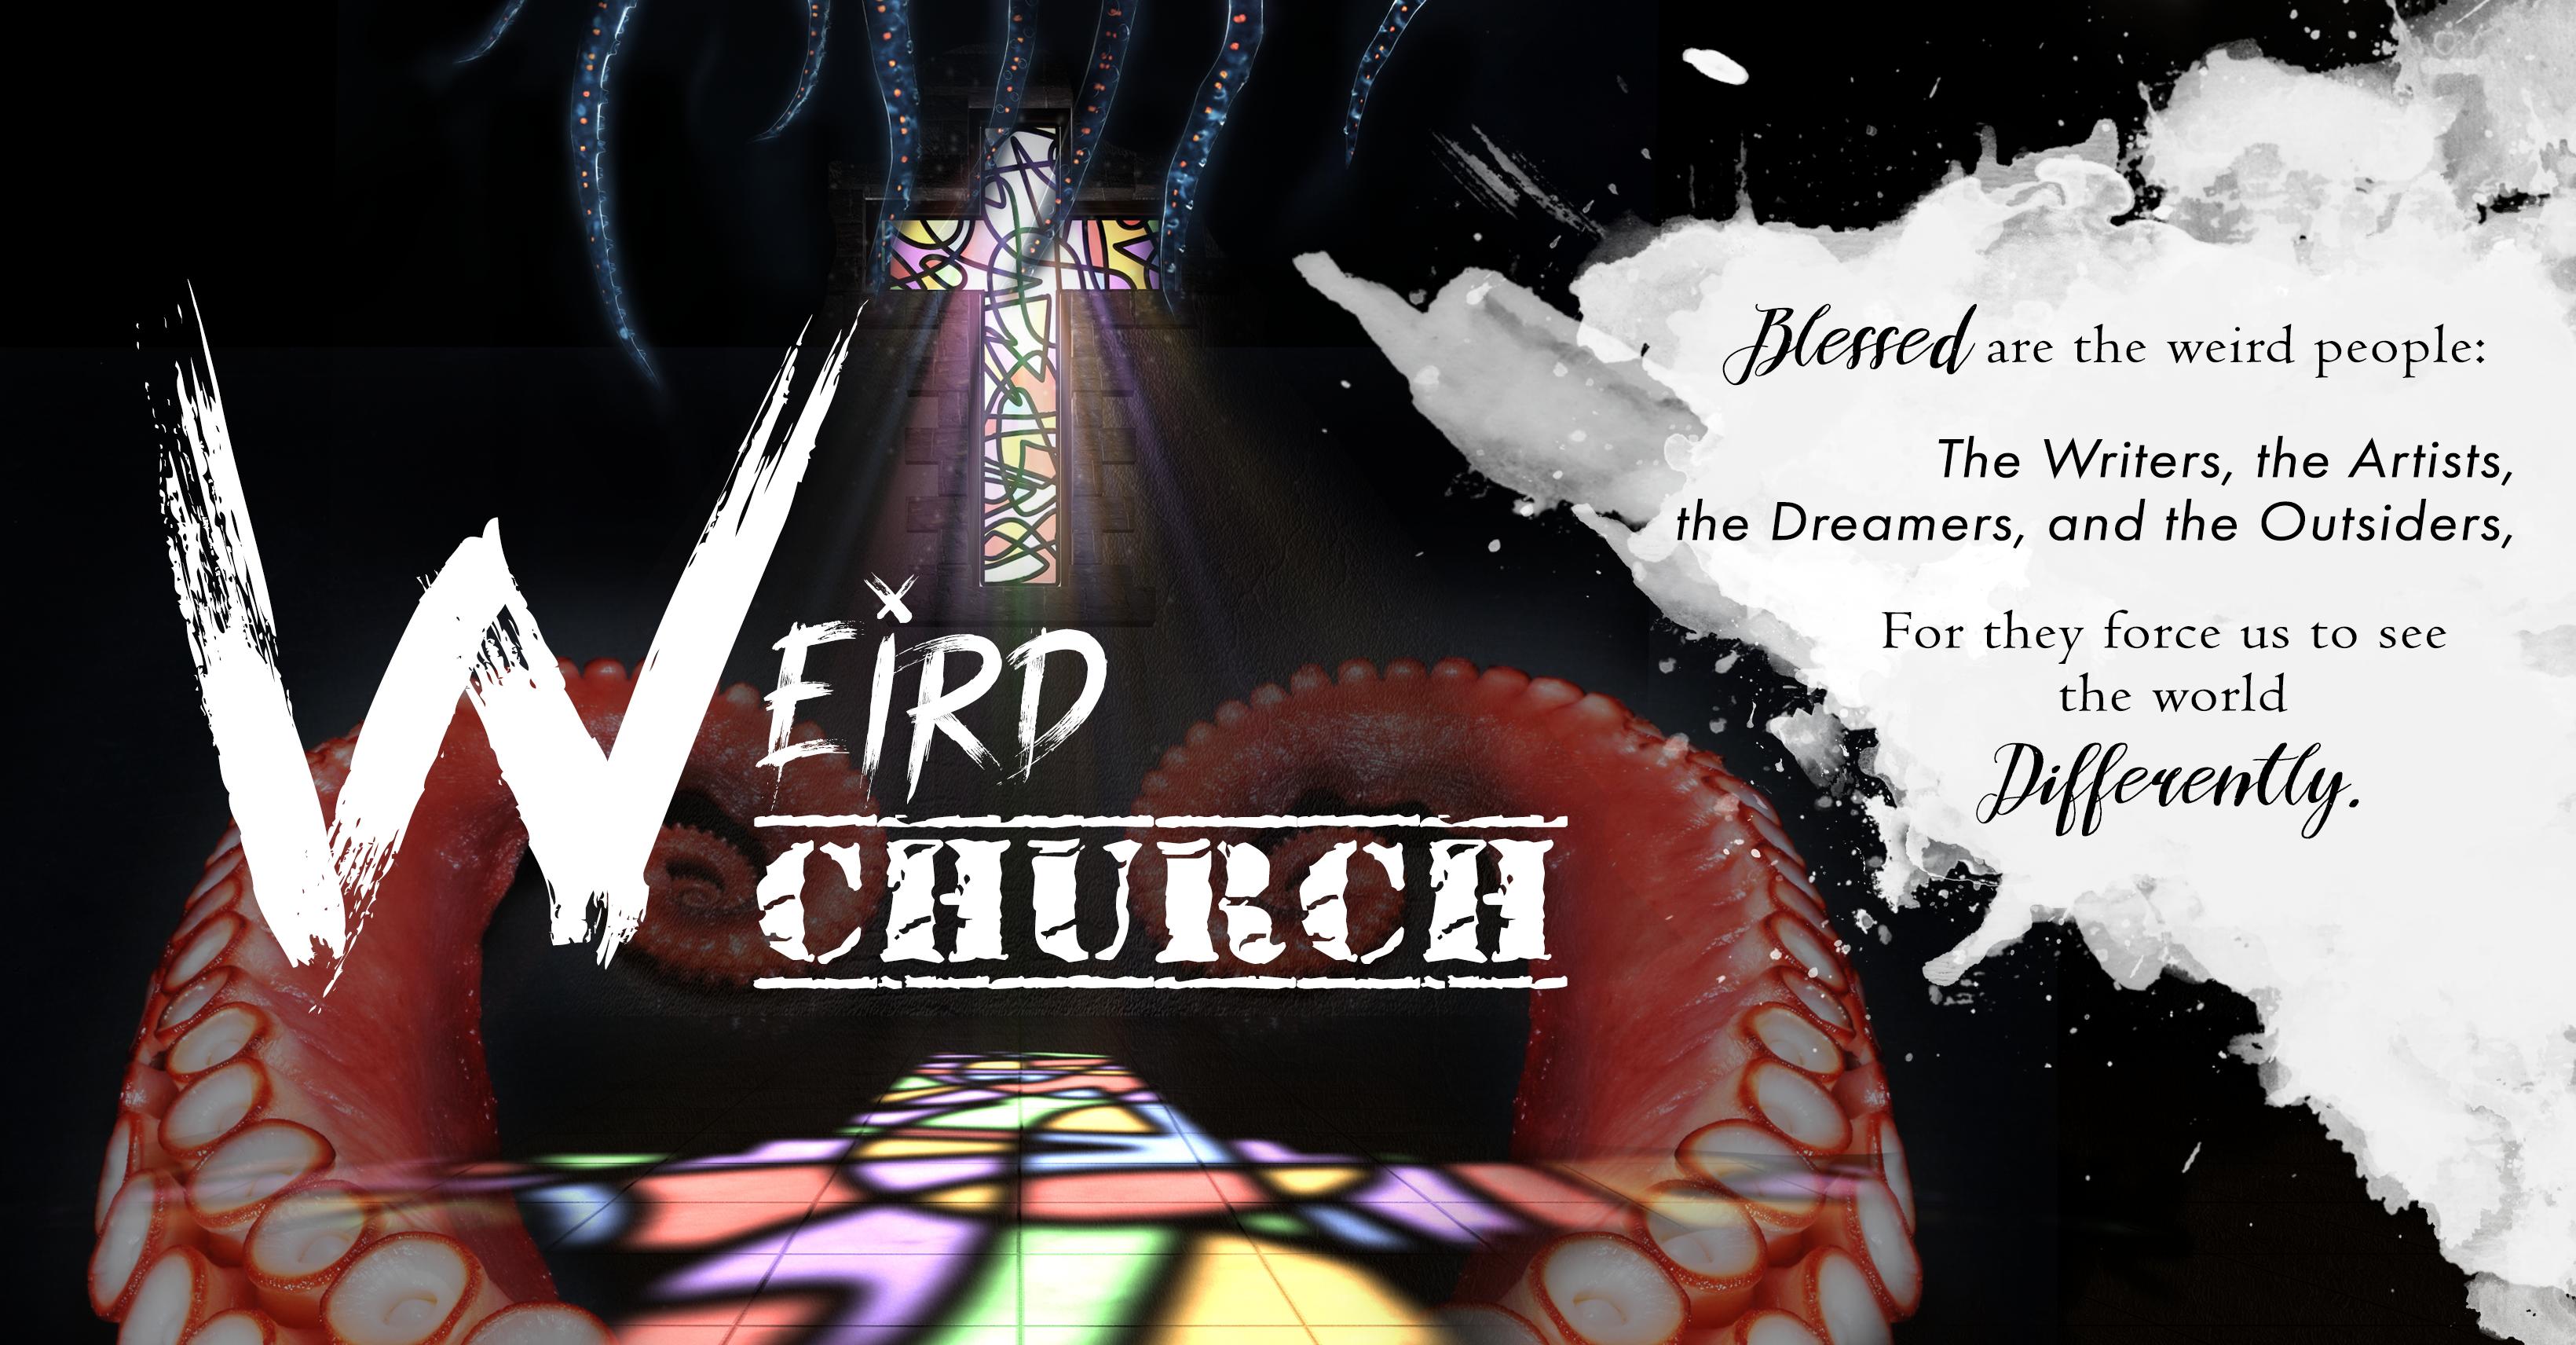 Weird Church